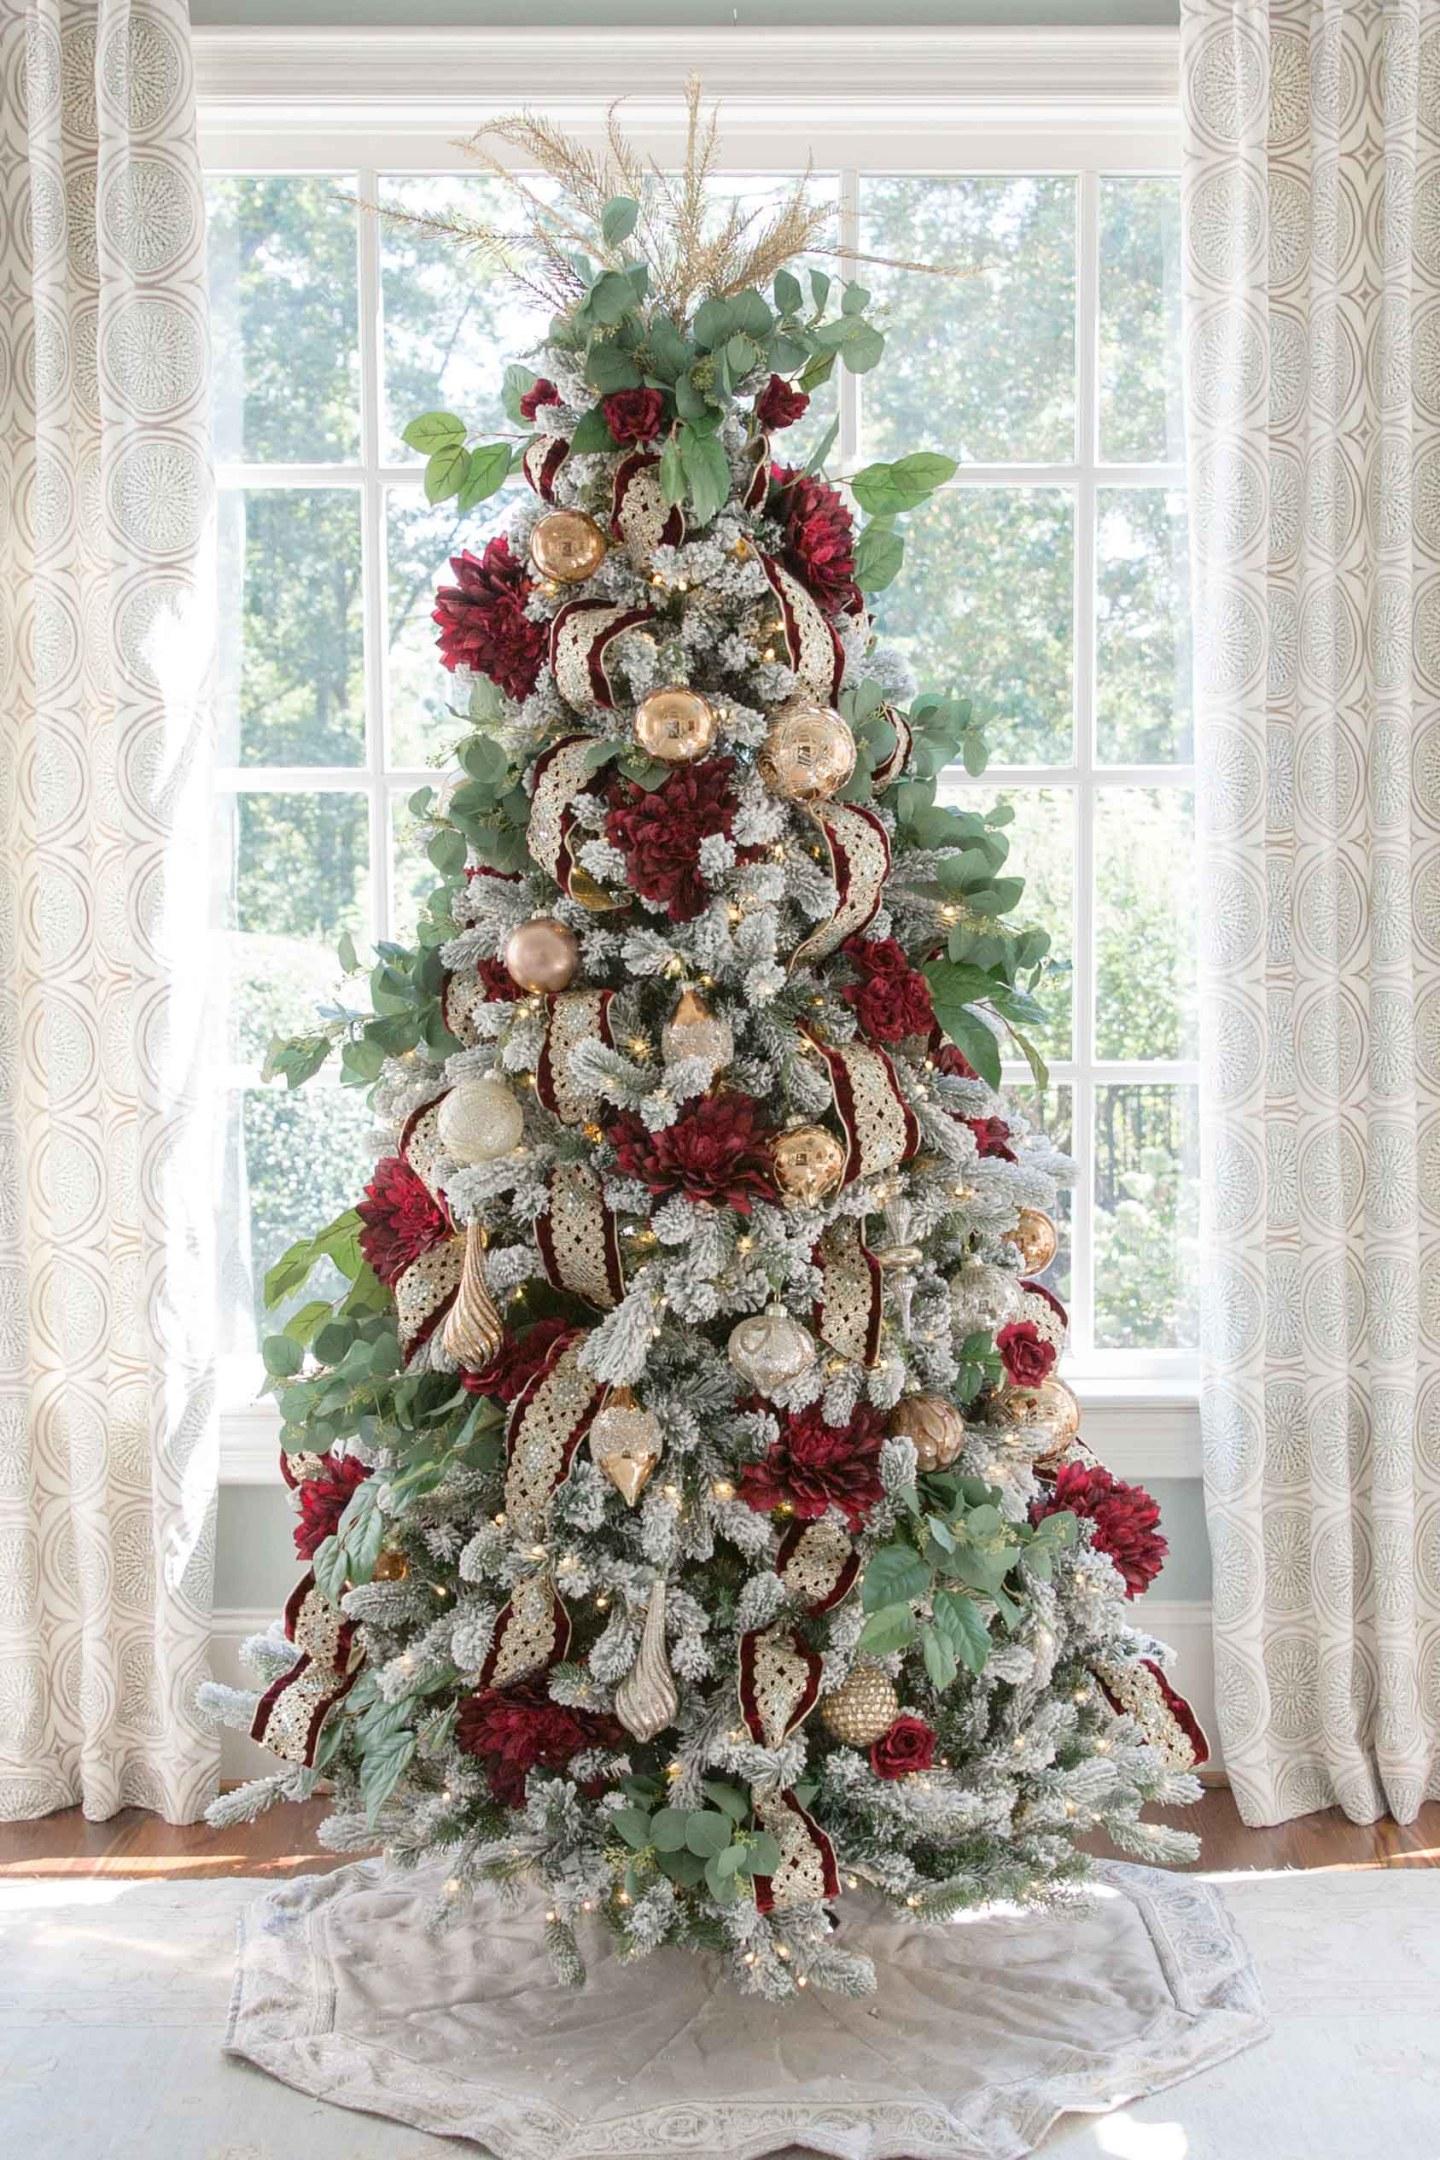 crimson and gold Christmas tree